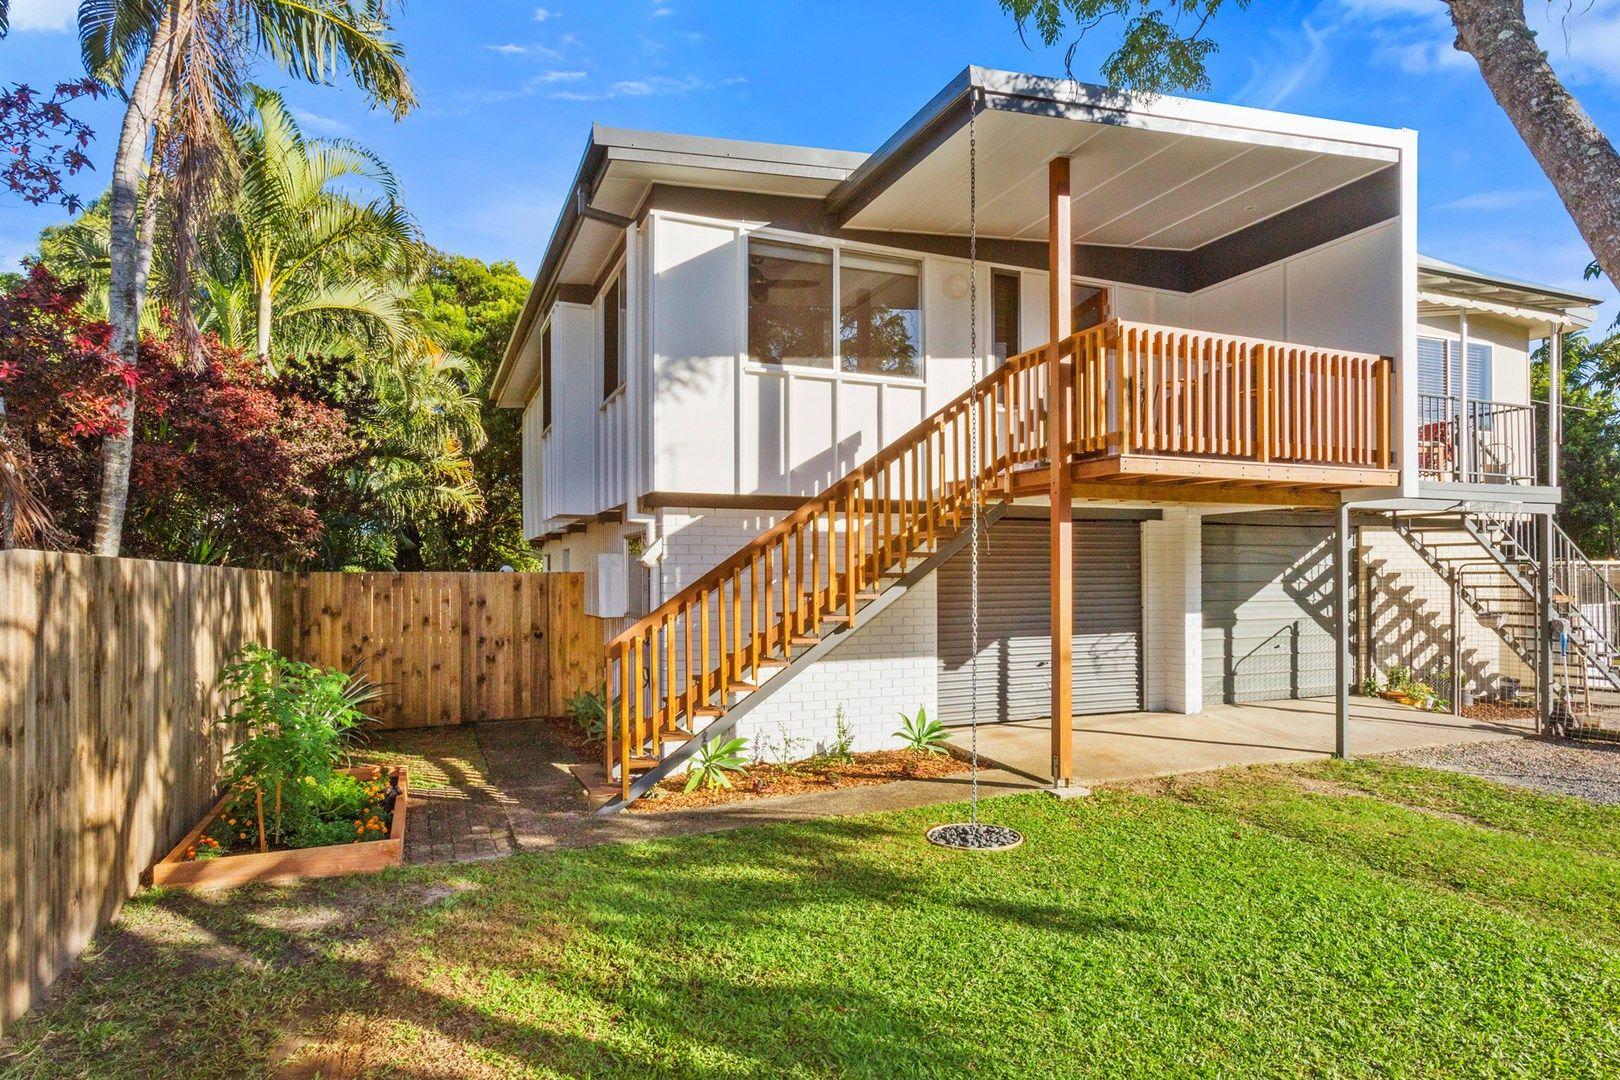 1/30 Rutile Street, Chinderah NSW 2487, Image 0